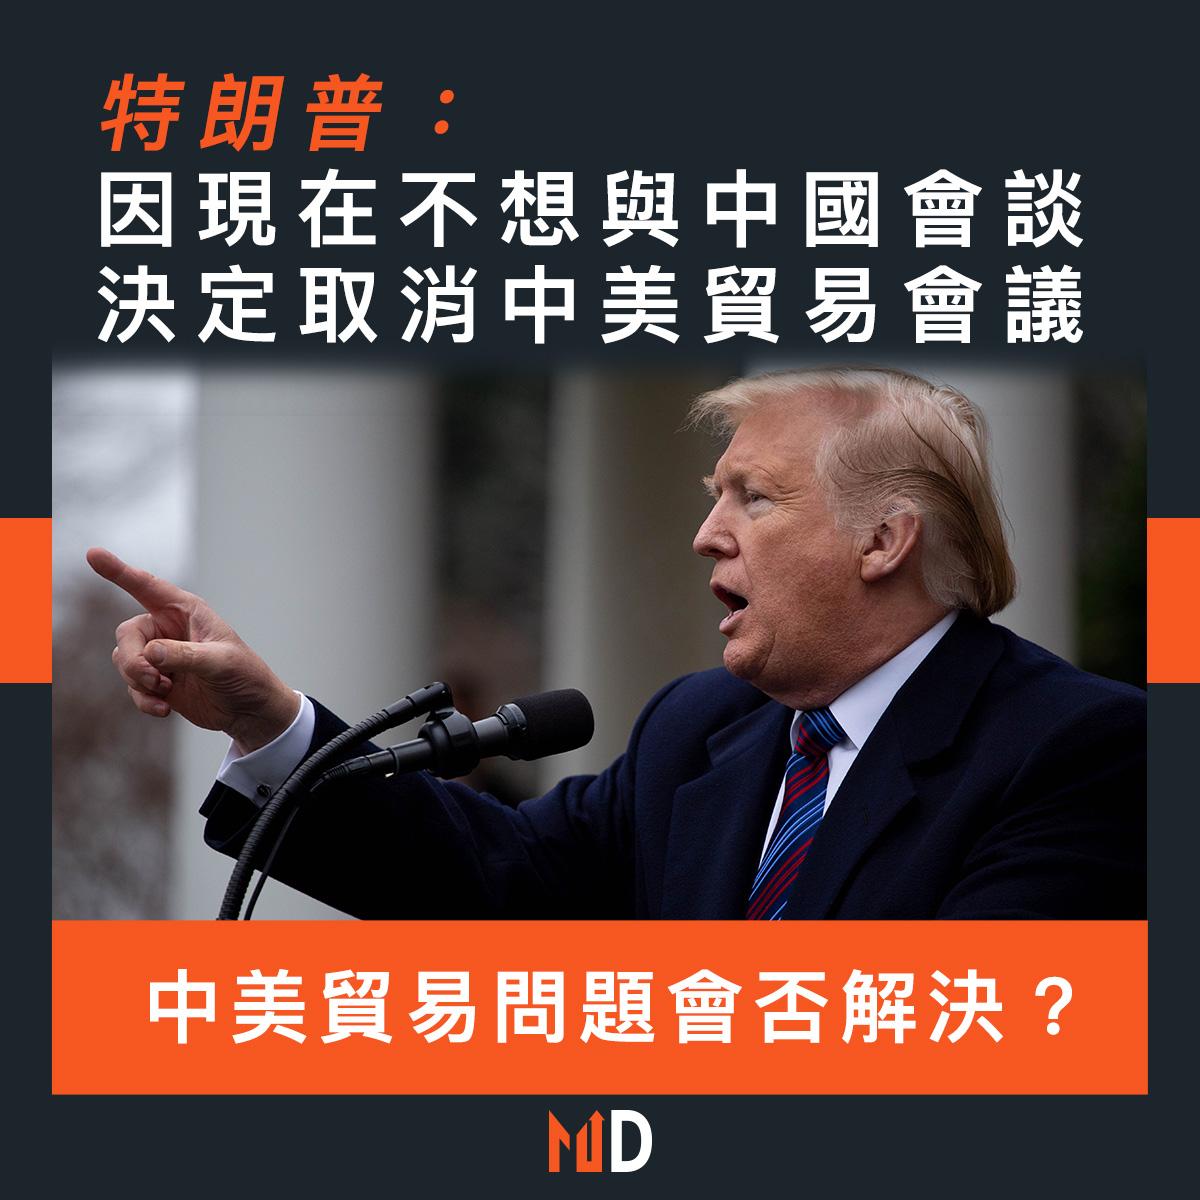 【市場熱話】特朗普:因現在不想與中國會談,決定取消中美貿易會議